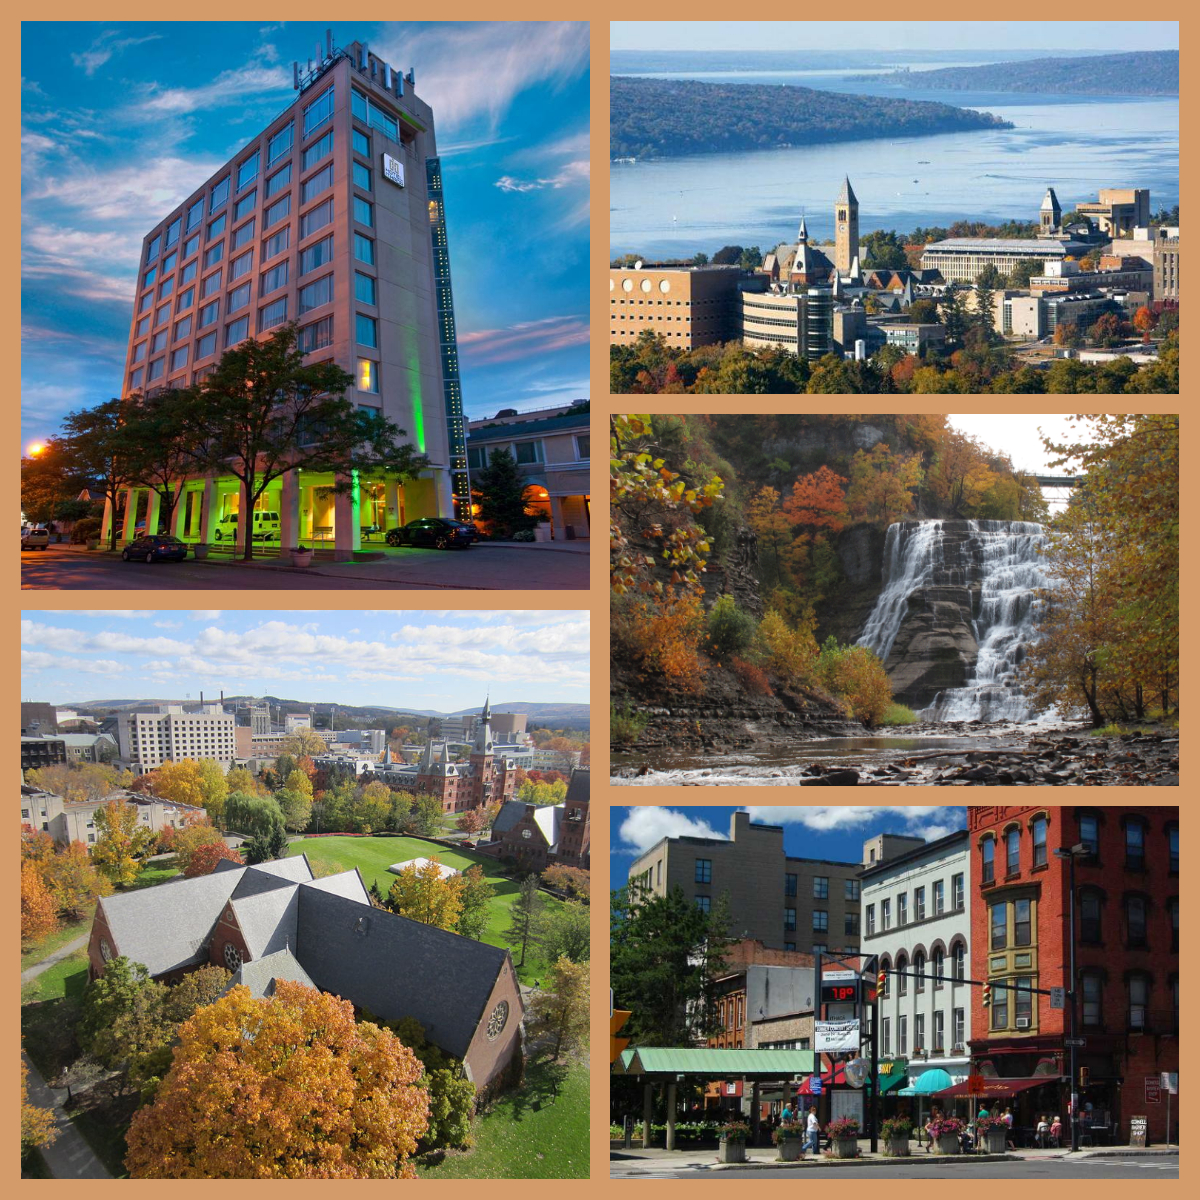 The Ithaca Hotel, NY